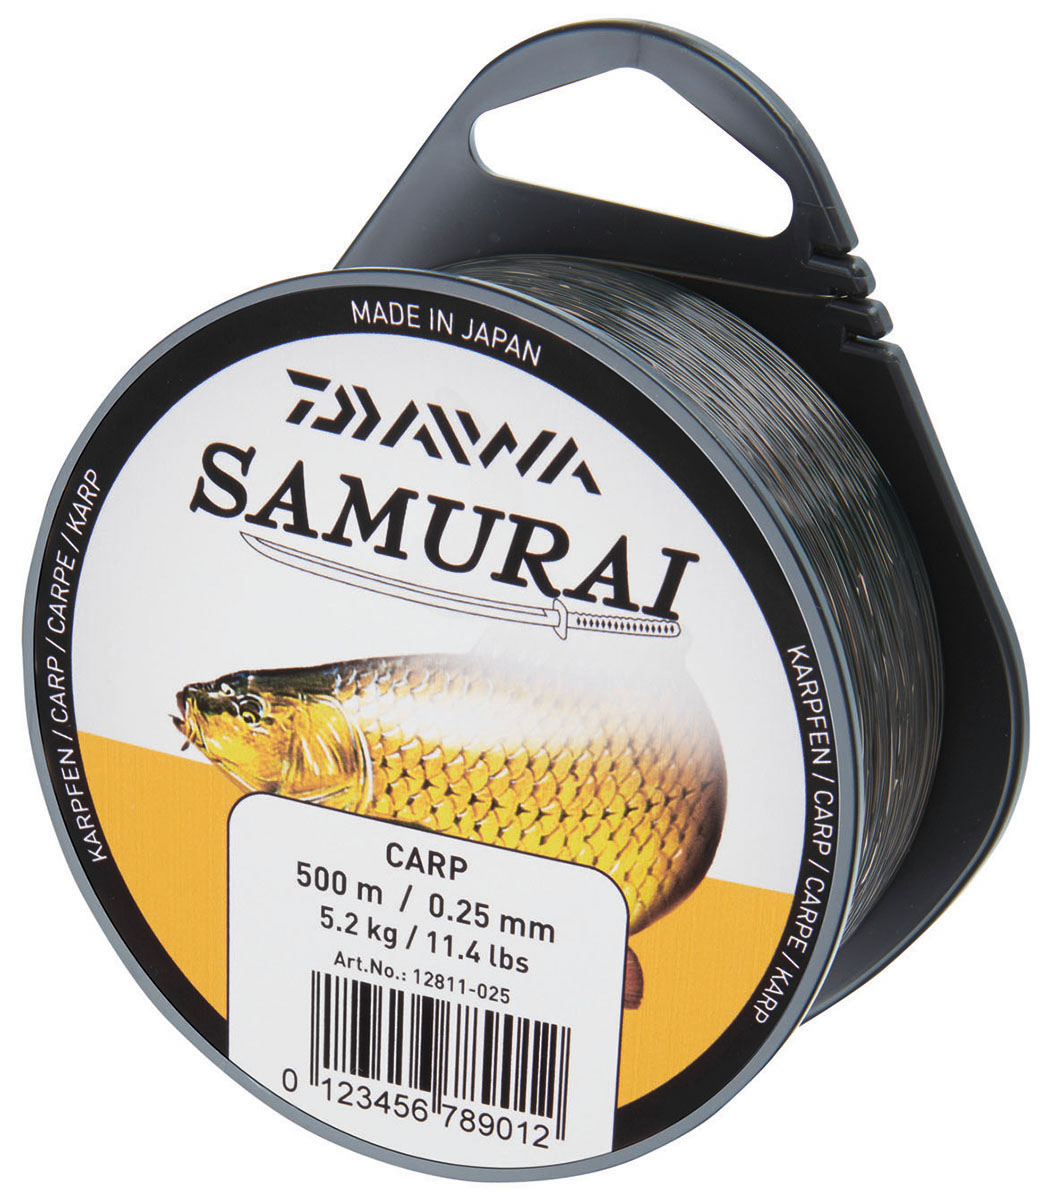 Леска DAIWA Samurai Carp 0,30мм 450м (камуфляж)Леска монофильная<br>Популярная леска для ловли разнообразной <br>рыбы, сделанная в Японии согласно высоким <br>стандартам качества. Великолепное соотношение <br>цены и качества. Прочная на разрыв Прочная <br>на узлах Цвет подобран в зависимости от <br>объекта ловли Сделана в Японии<br><br>Сезон: лето